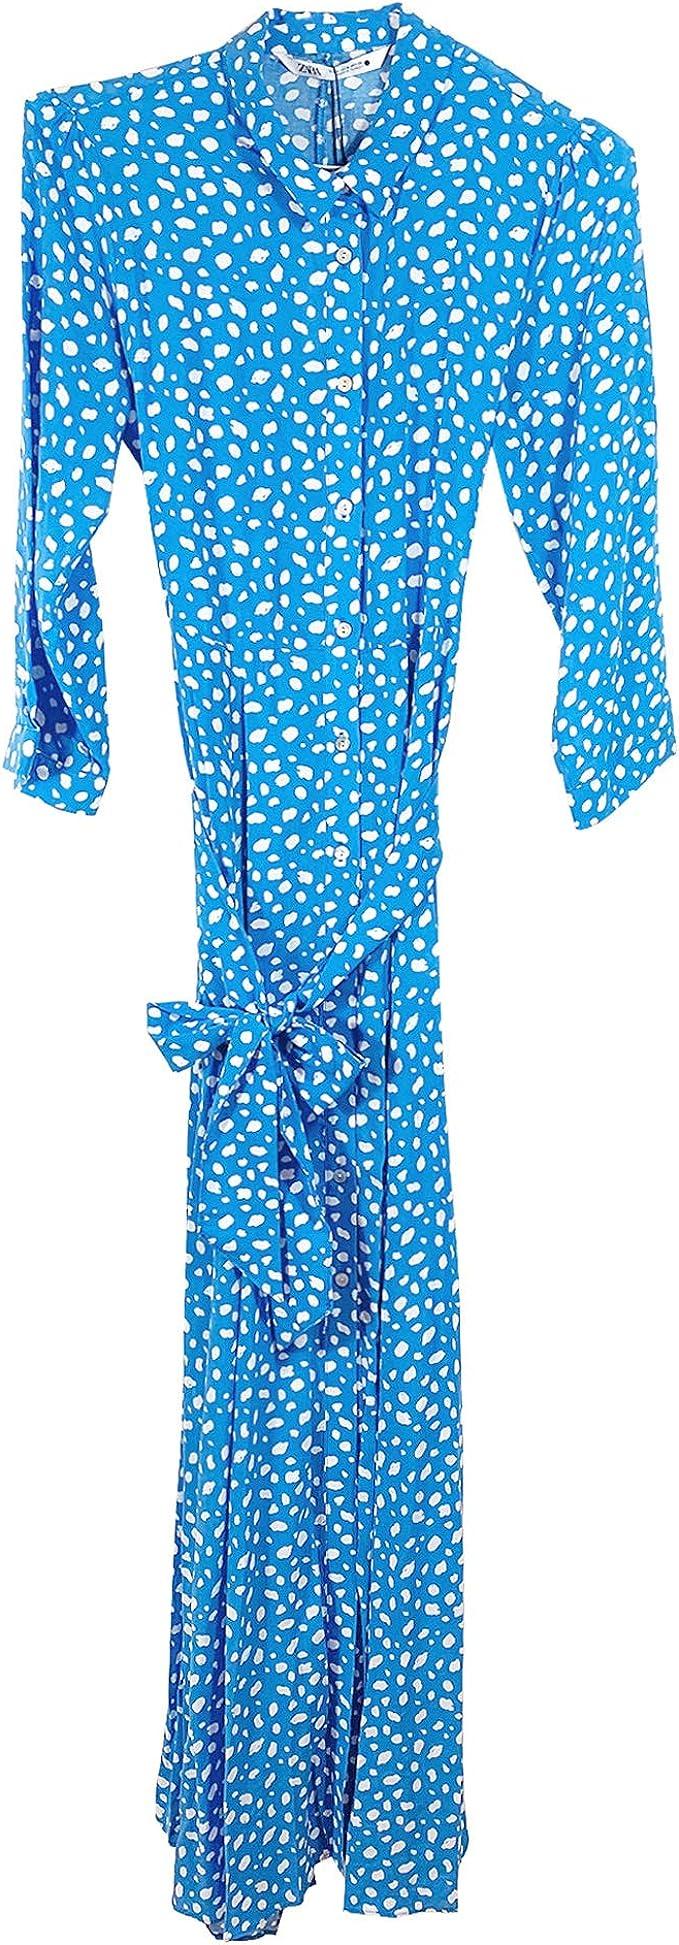 Zara 3198/242 - Vestido largo estampado para mujer - Azul ...